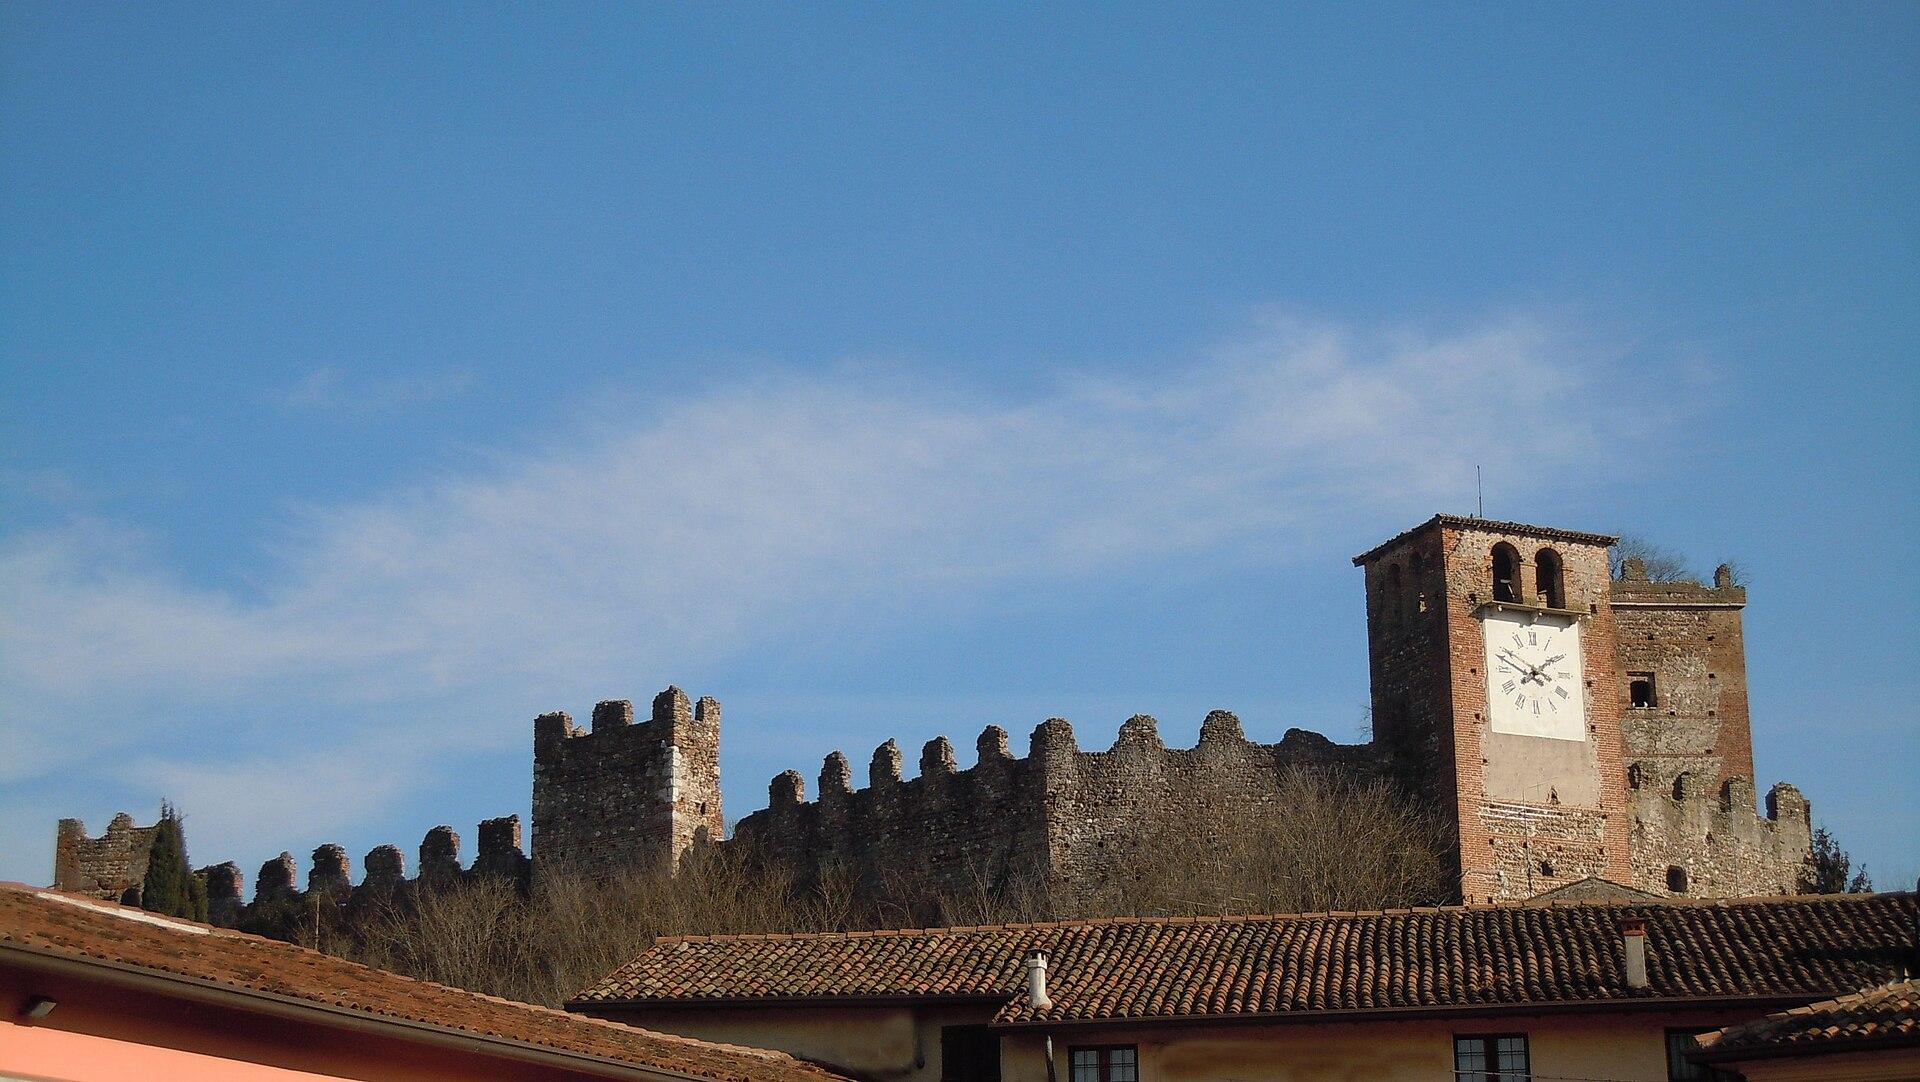 Castello di ponti sul mincio wikipedia for Foto di ponti coperti